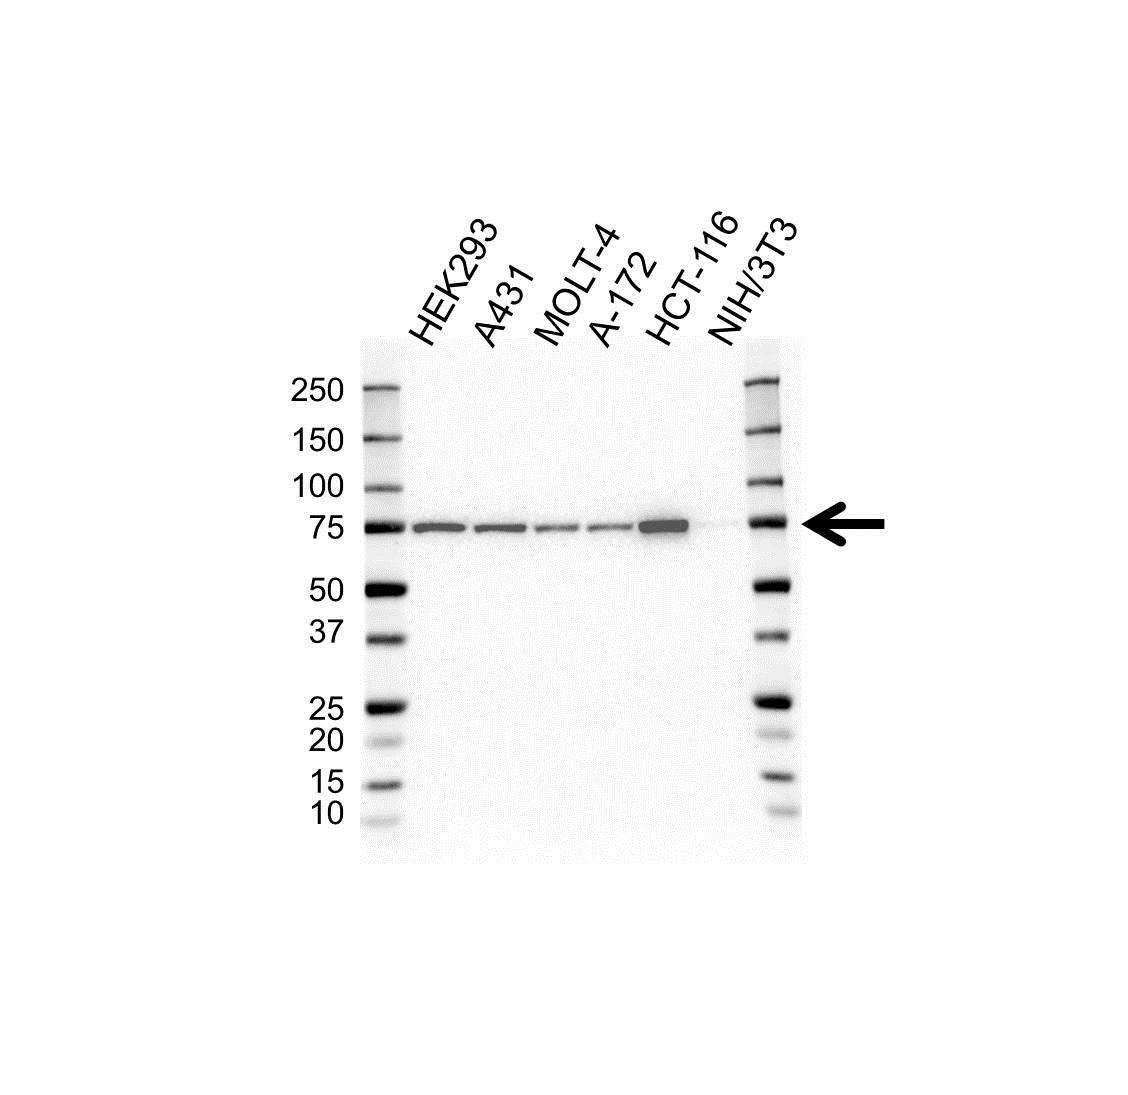 Anti Heat Shock Protein 75 Antibody, clone OTI1A1 (PrecisionAb Monoclonal Antibody) gallery image 1